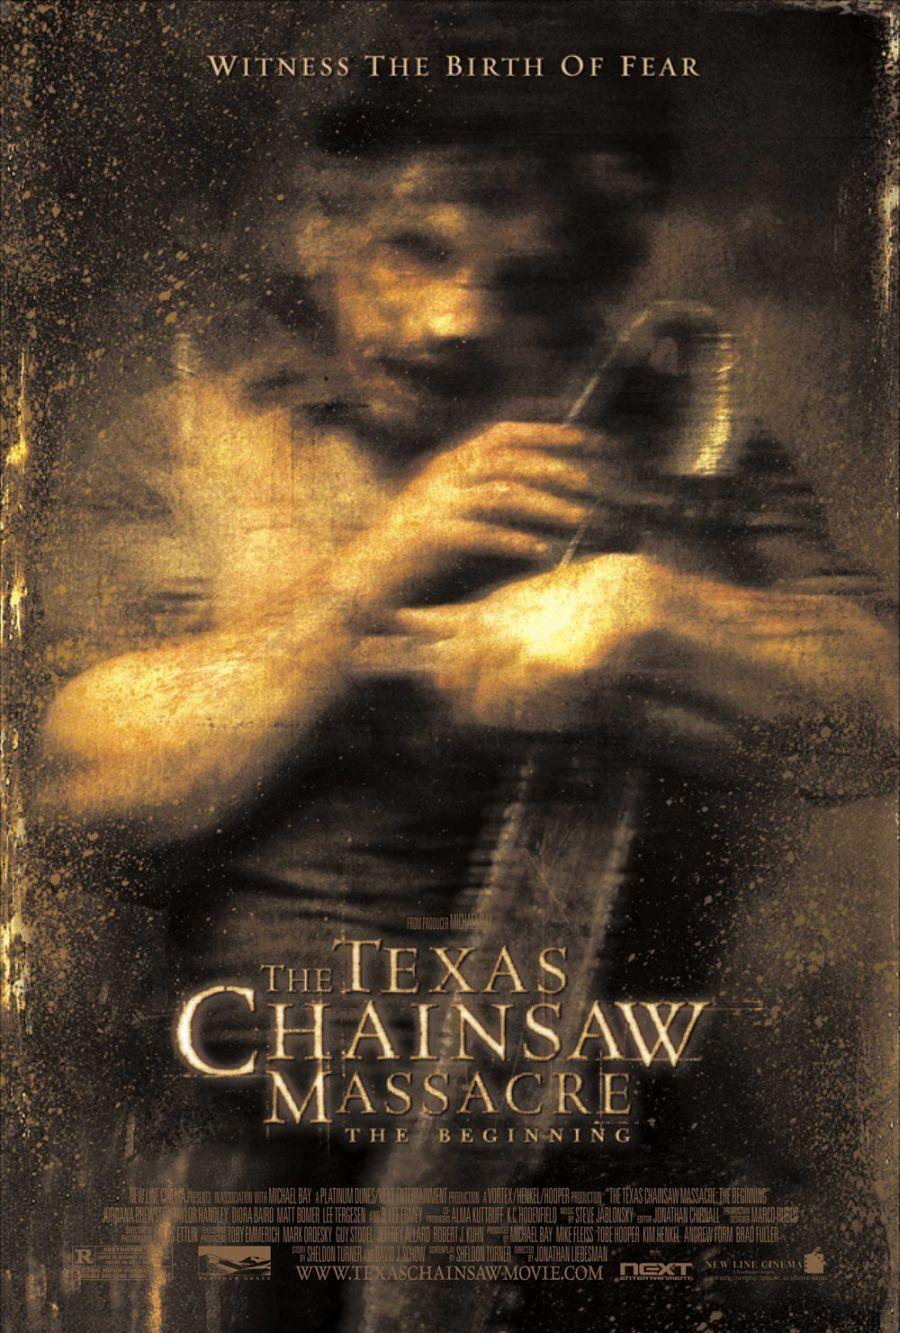 德州电锯杀人狂:前传/德州电锯杀人狂:从头开始/The Texas Chainsaw Massacre: The Beginning